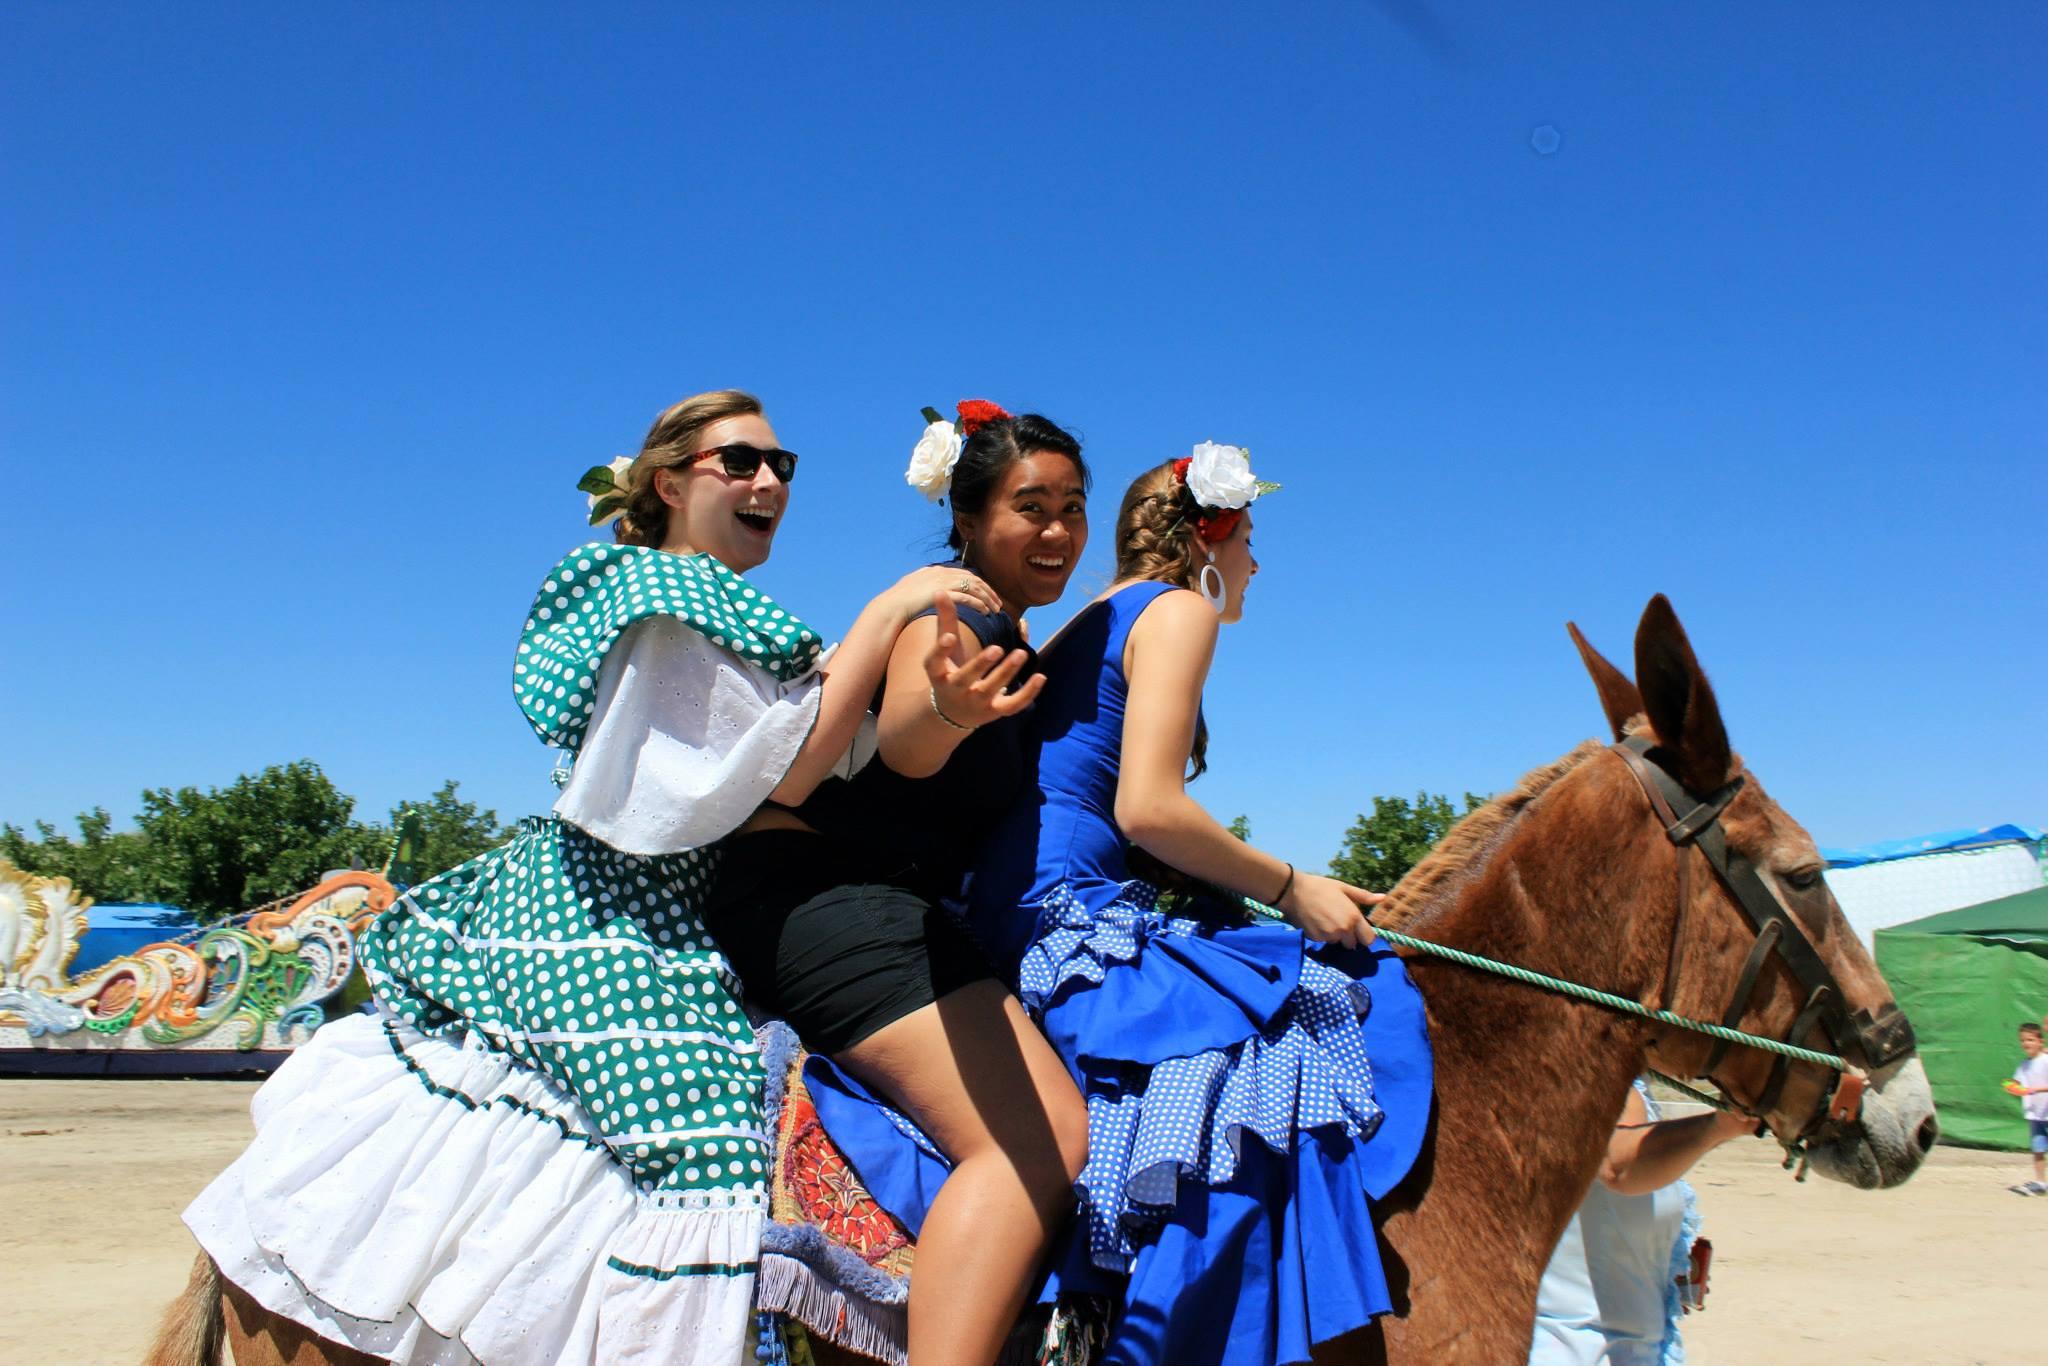 Girls on donkey.jpg